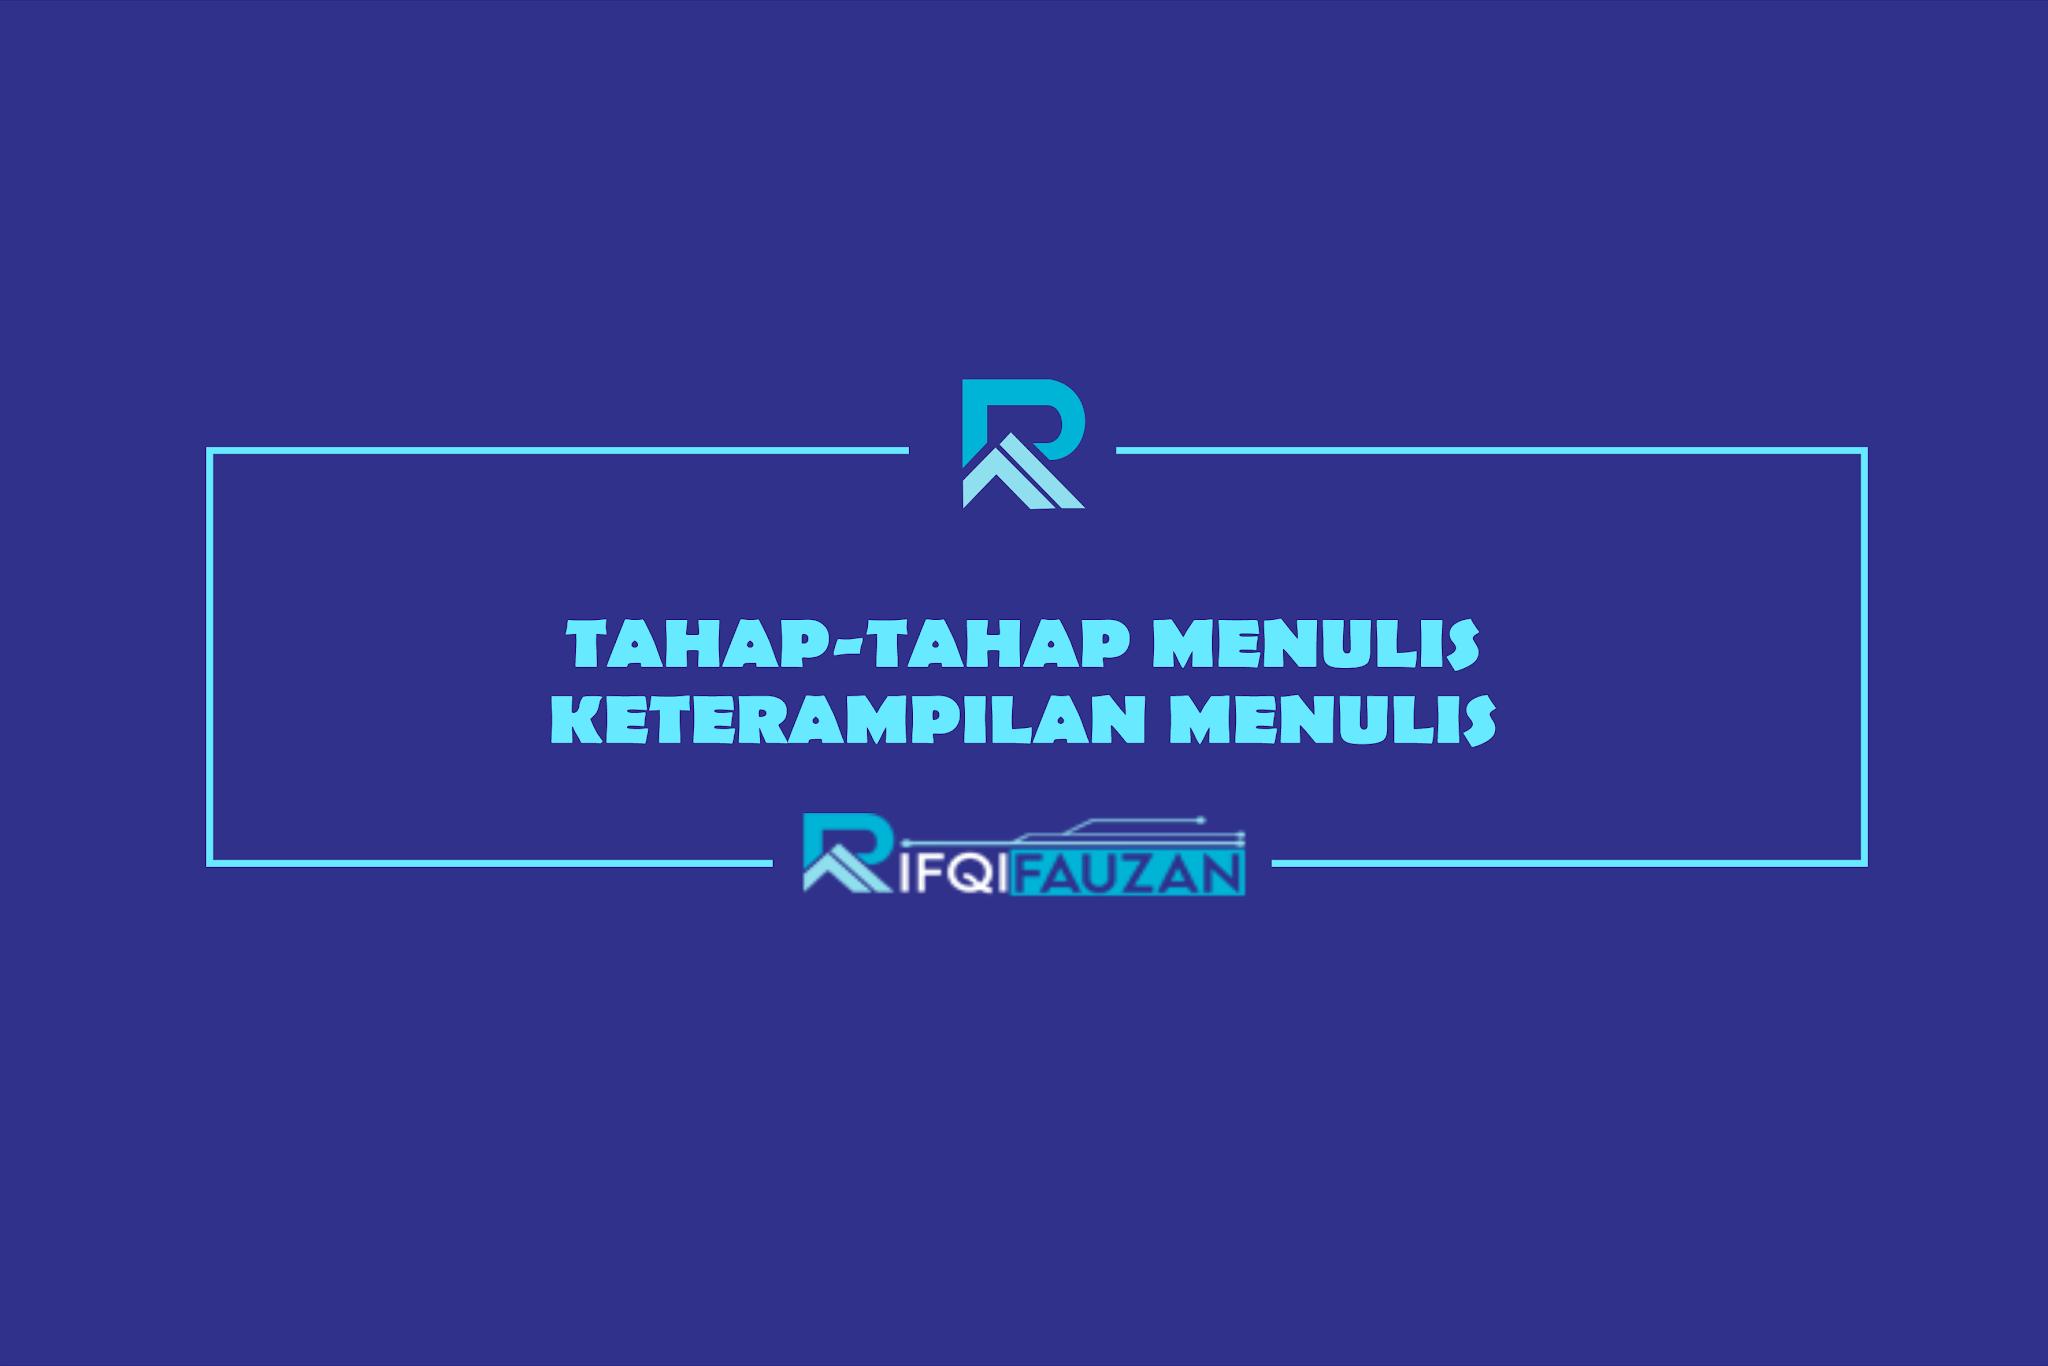 TAHAP-TAHAP MENULIS | KETERAMPILAN MENULIS